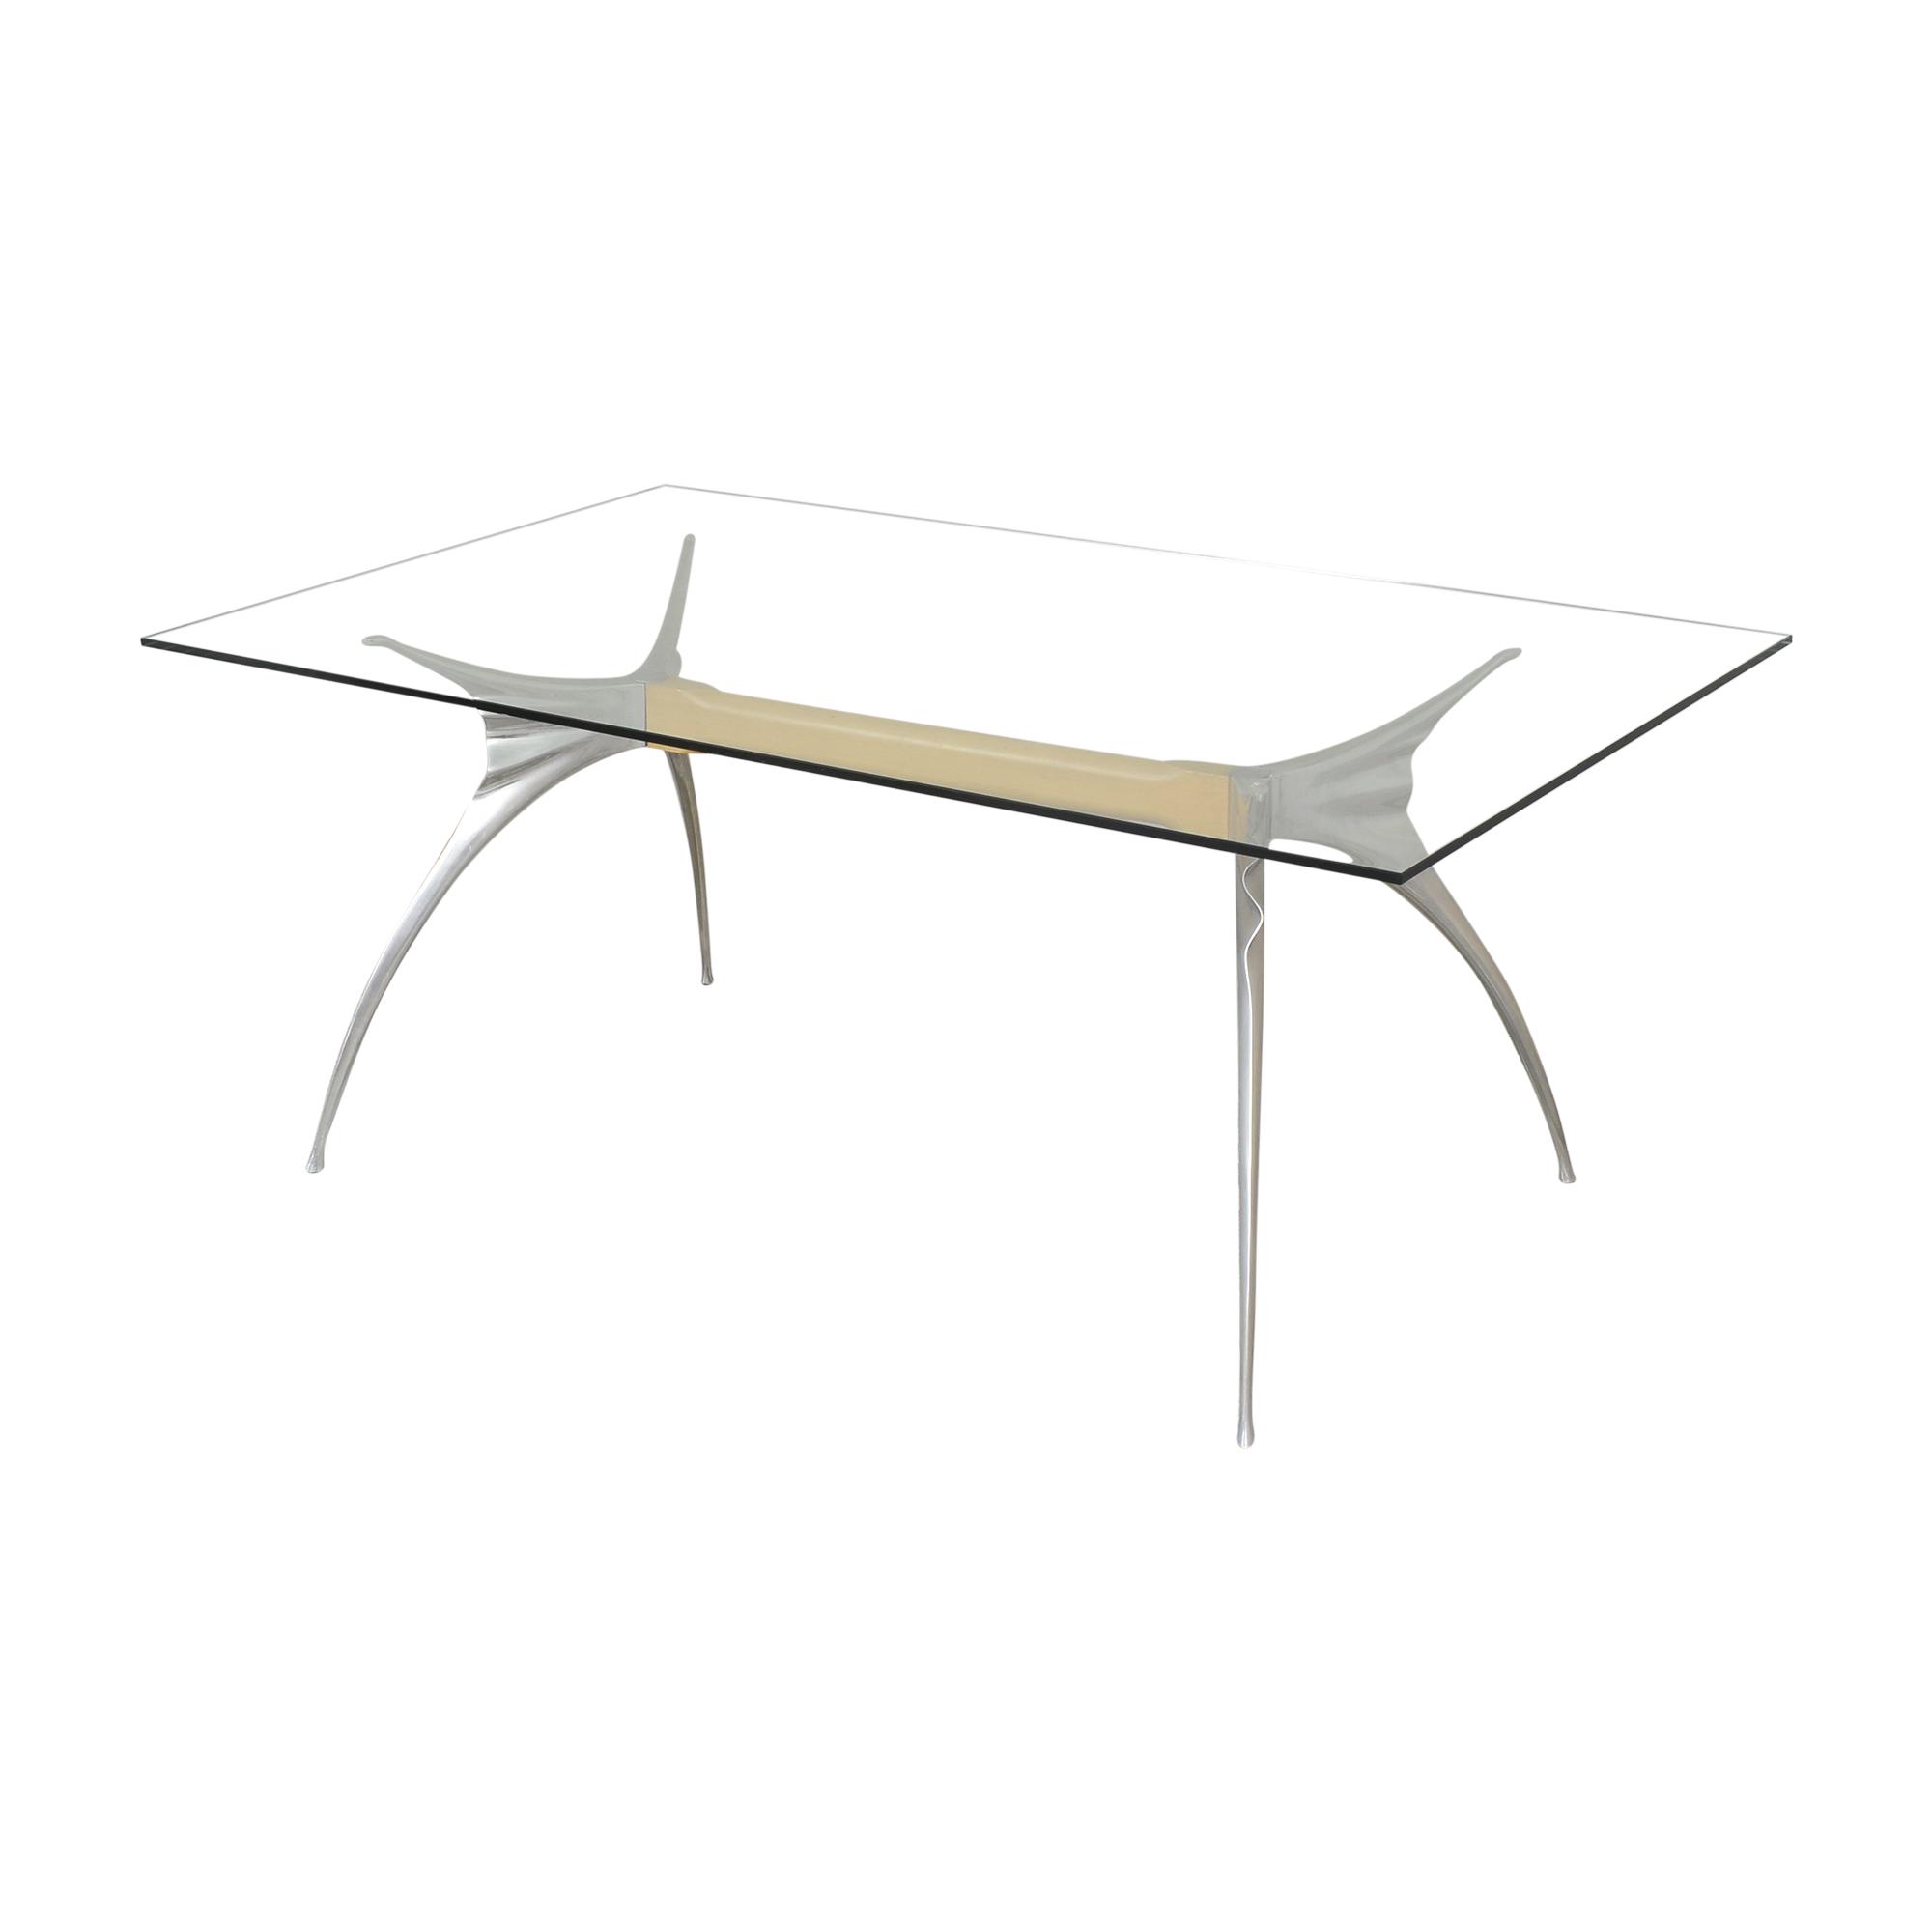 Protis Protis Transparent Dining Table nj